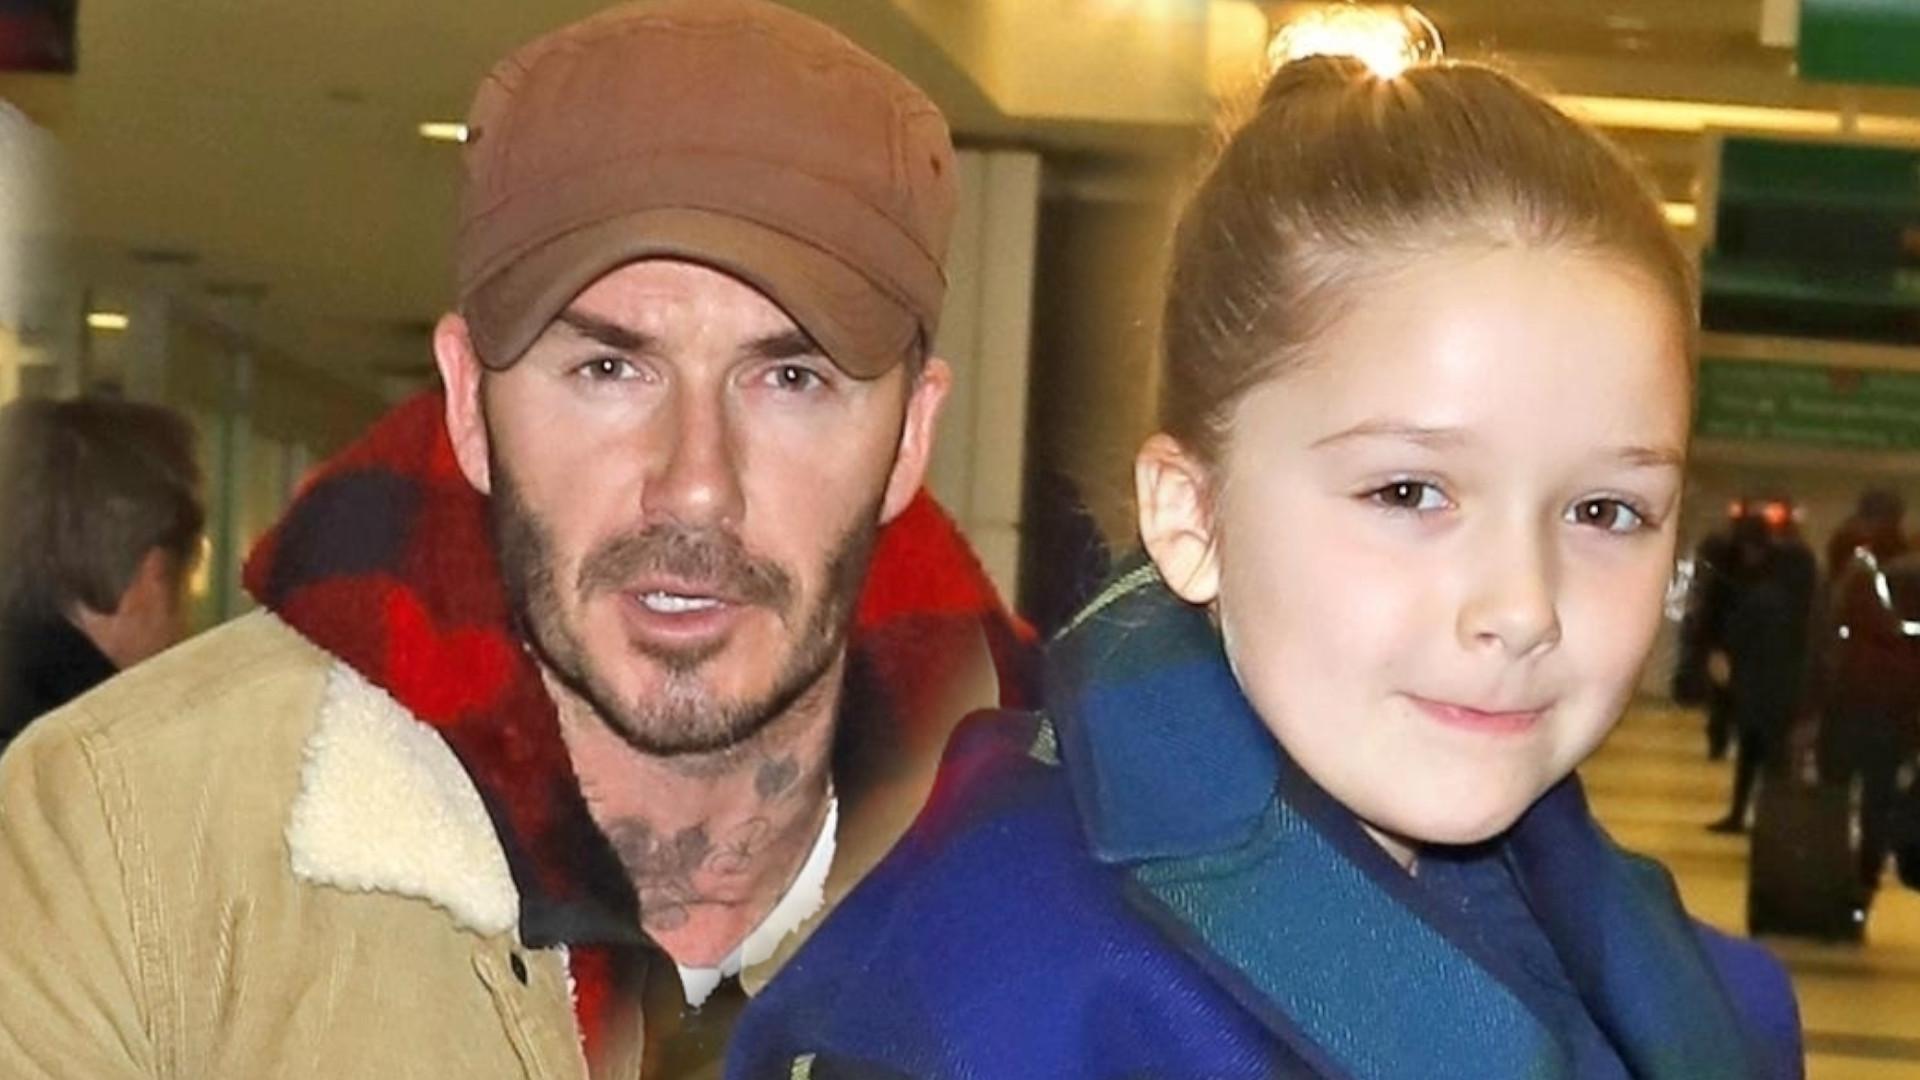 David Beckham SKRYTYKOWANY za pocałunek 7-letniej córki (Instagram)